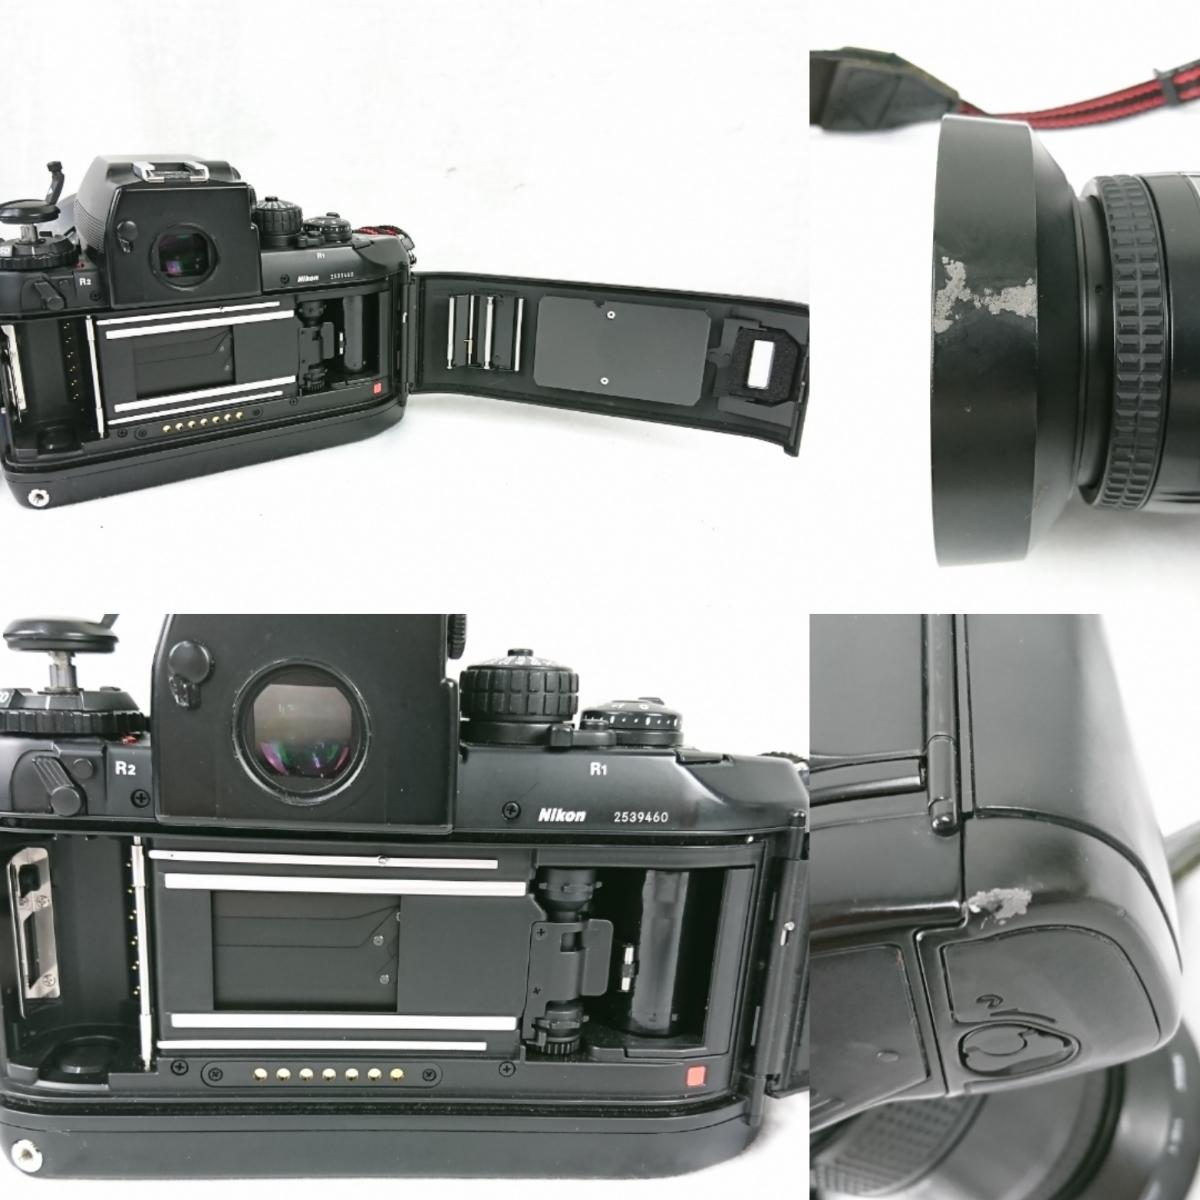 【GK-203】 Nikon ニコン カメラ F4 レンズ AF オートフォーカス Nikon ED AF NIKKOR 80-200mm AF NIKKOR 70-210mm NIKKOR 28-85mm_画像4